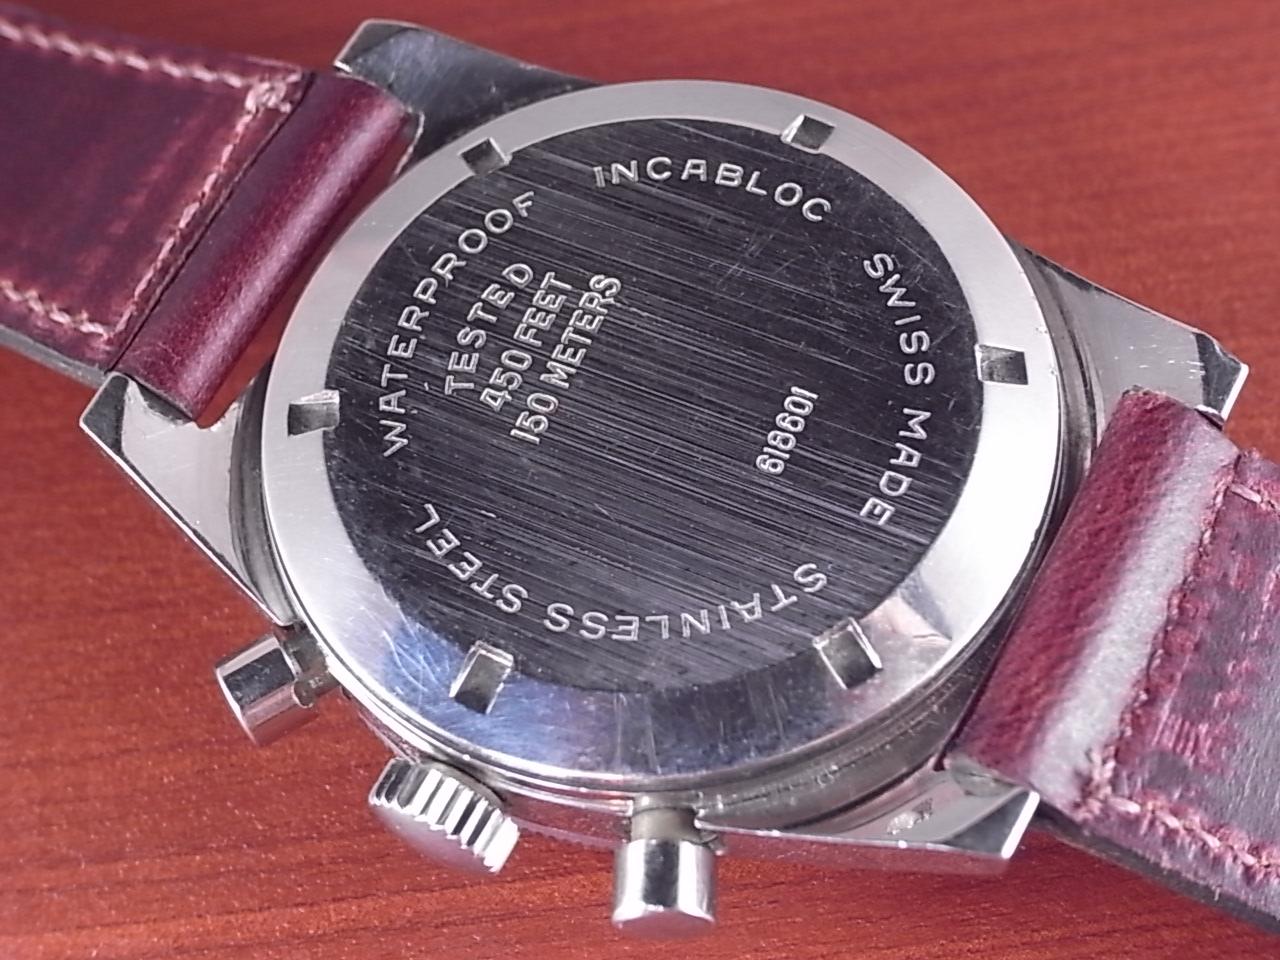 レイター ダイバーズクロノグラフ バルジュー92 1960年代の写真4枚目